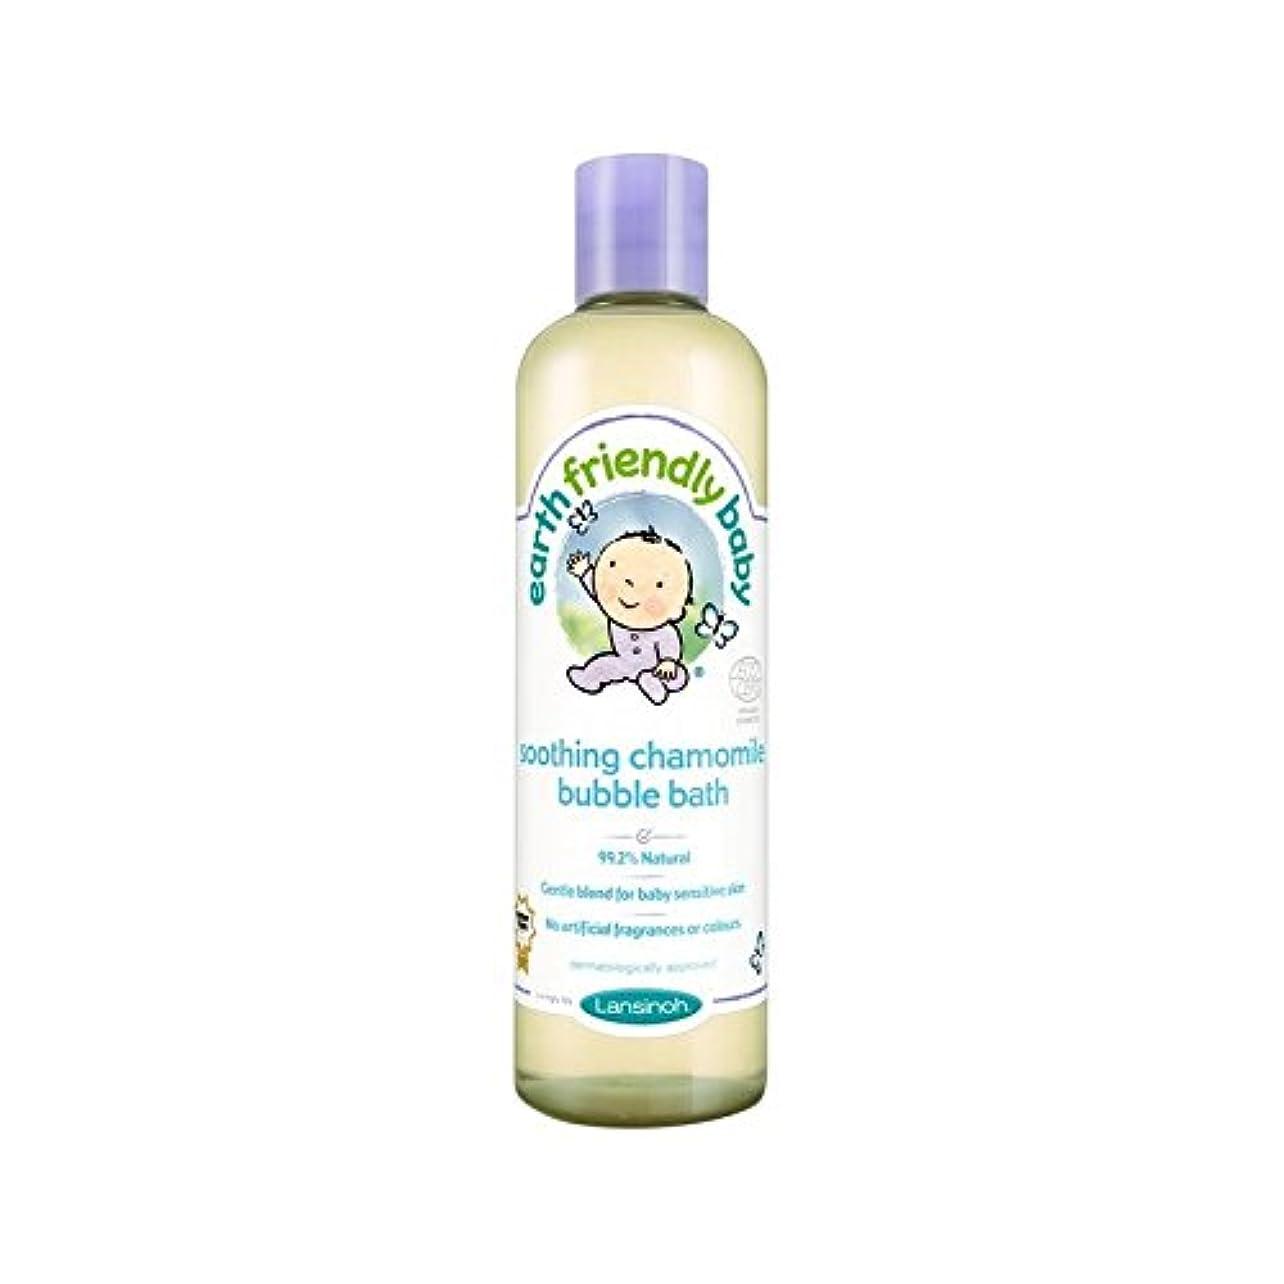 肘掛け椅子キャリア内側赤ちゃんなだめるカモミール泡風呂エコサートの300ミリリットル (Earth Friendly) (x 2) - Earth Friendly Baby Soothing Chamomile Bubble Bath ECOCERT...